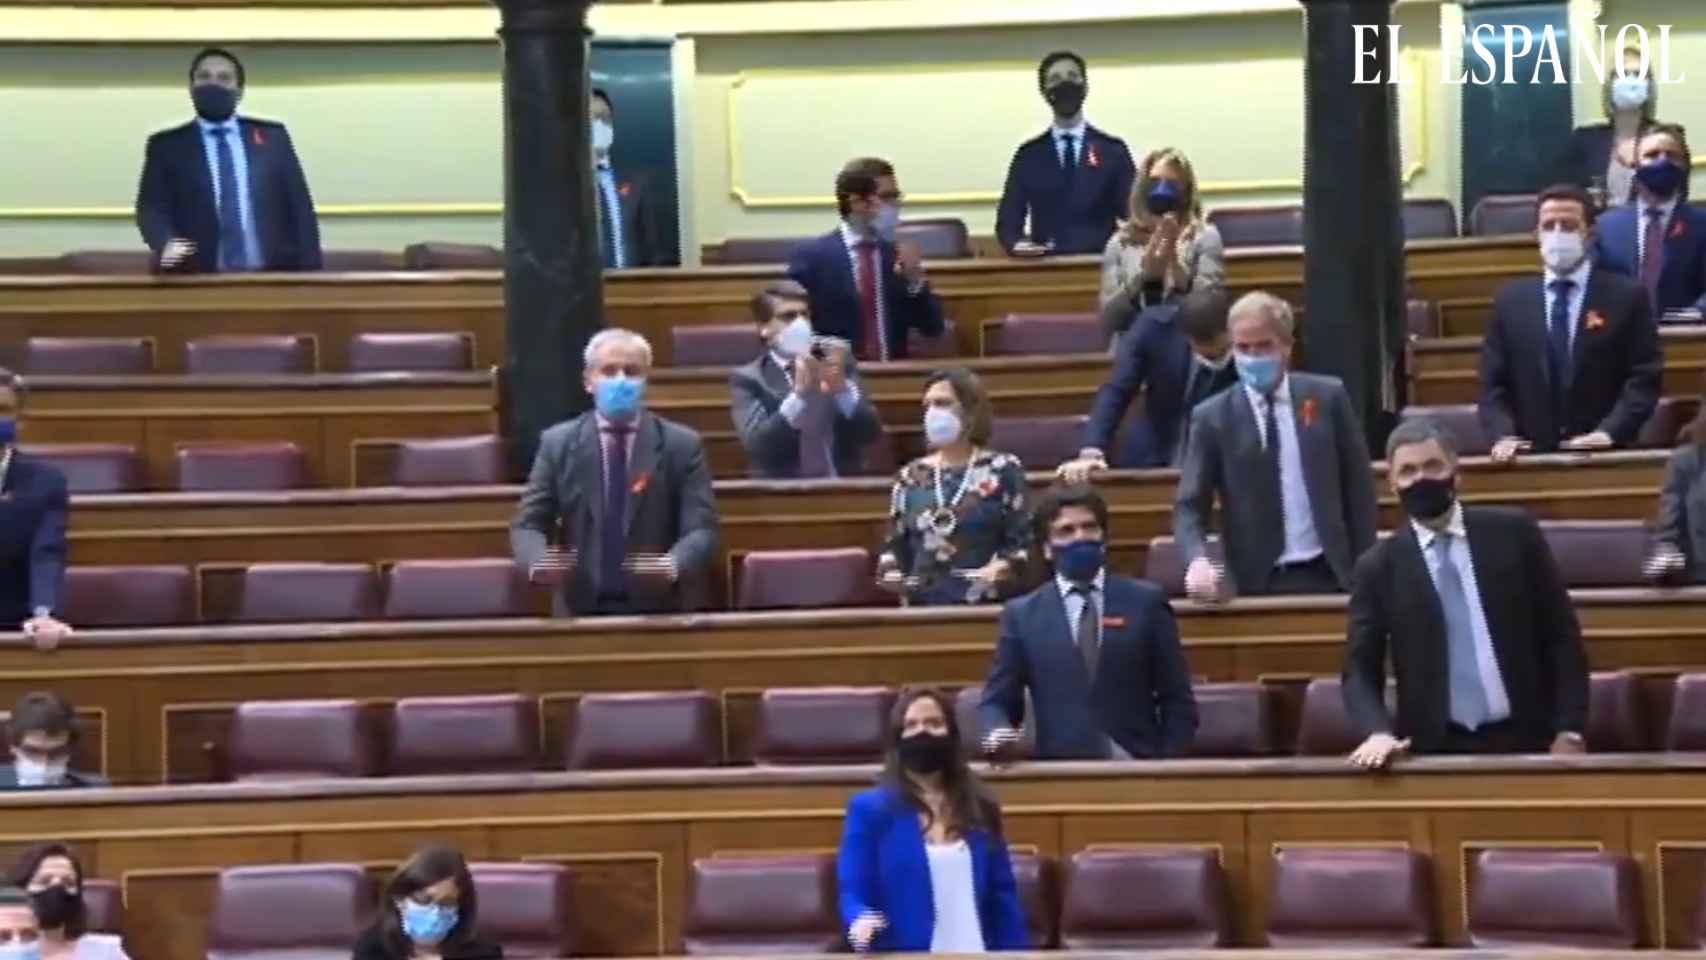 PP y Vox estallan en el Congreso ante la 'ley Celaá' al grito de ¡libertad, libertad!